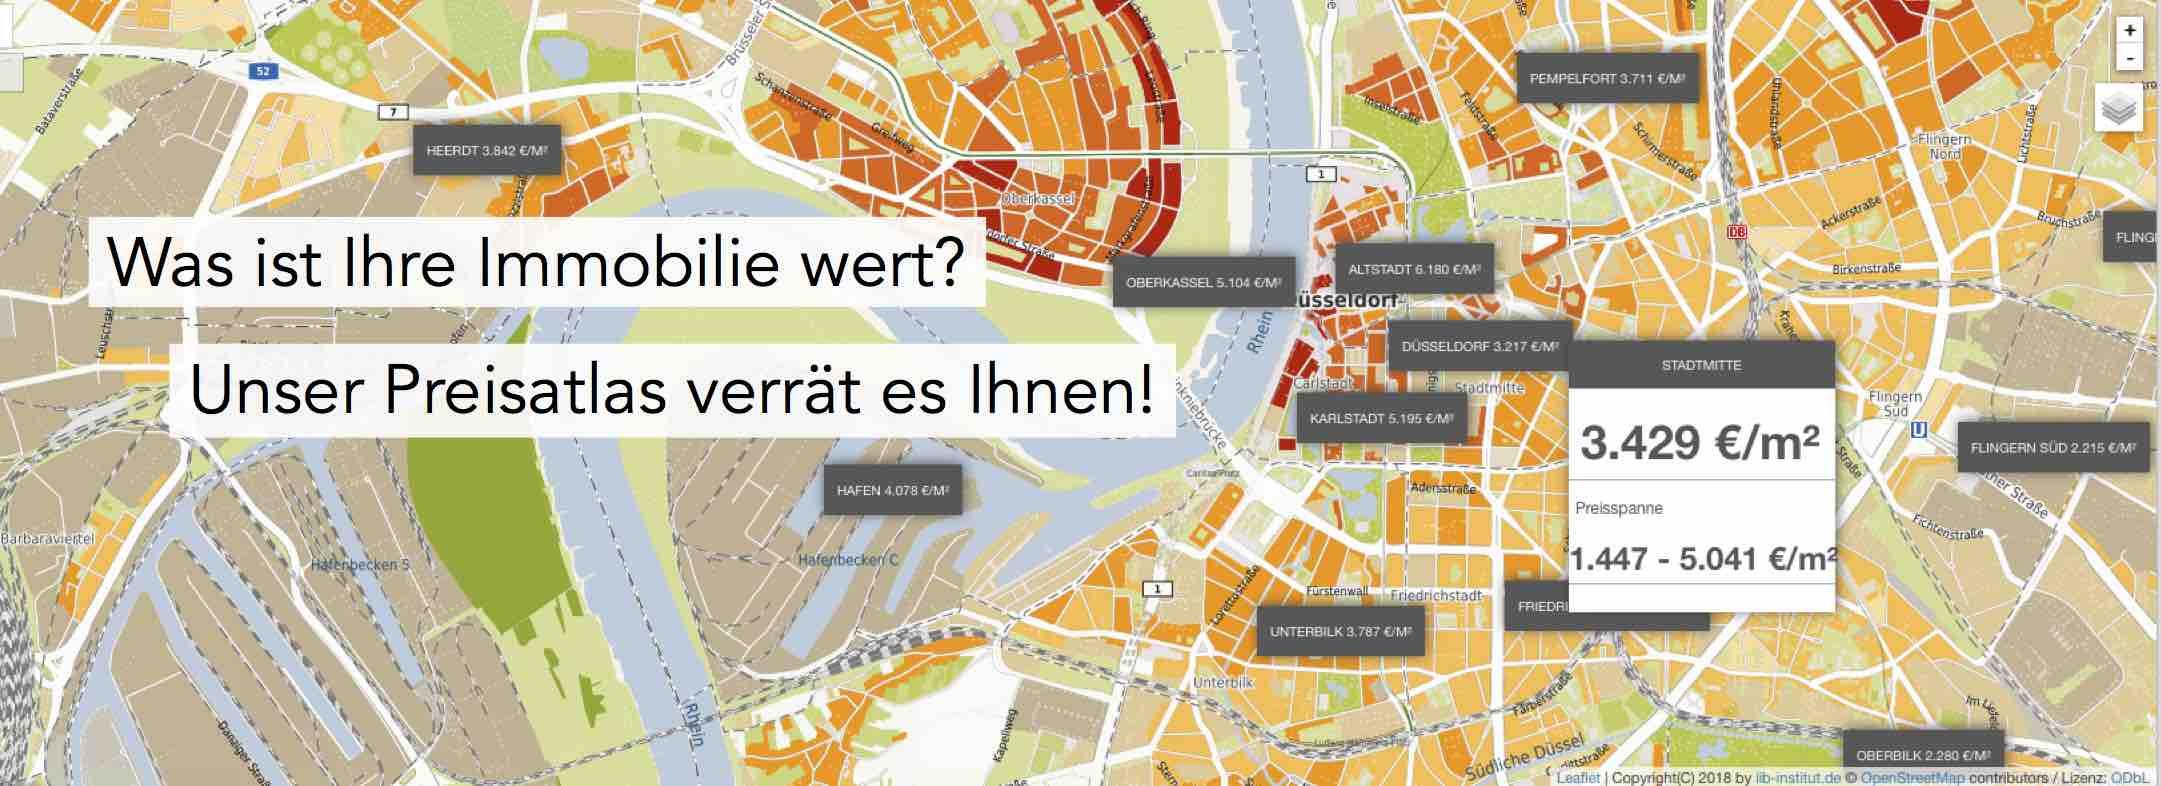 immobilienpreise düsseldorf angermund